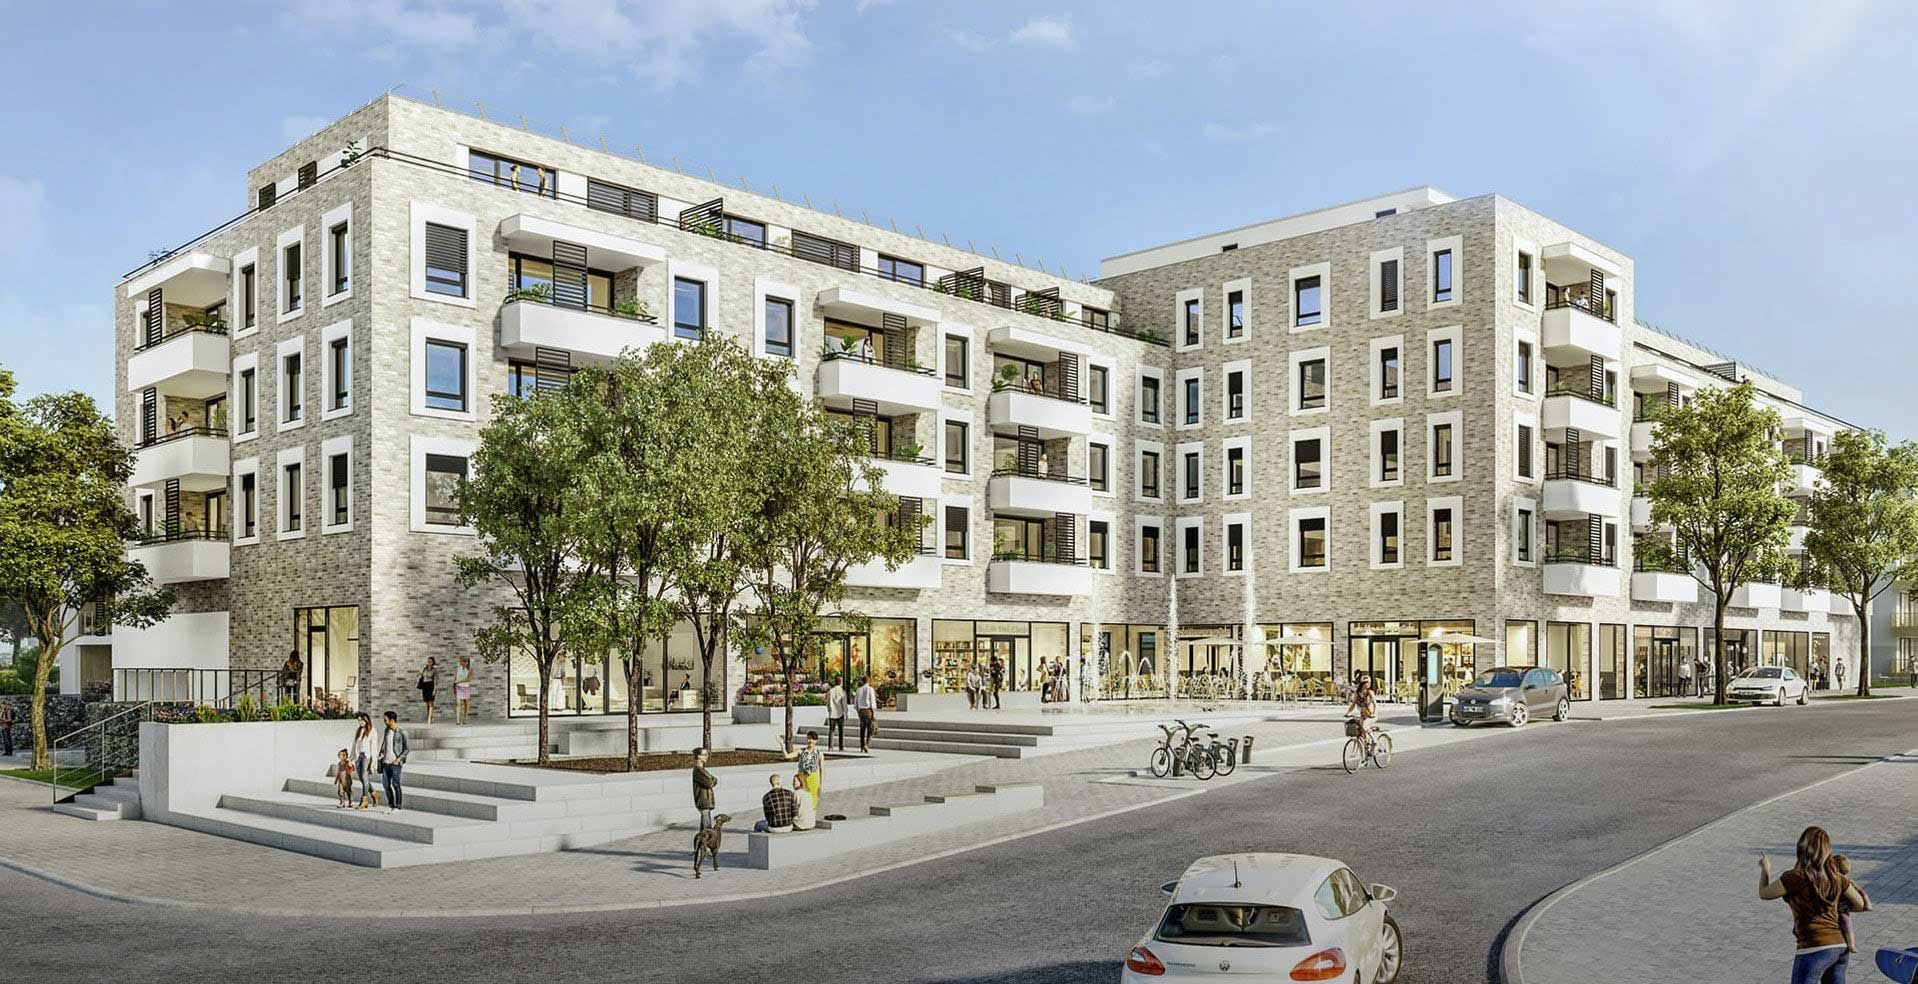 PromenadenCarré und Quartiersplatz.